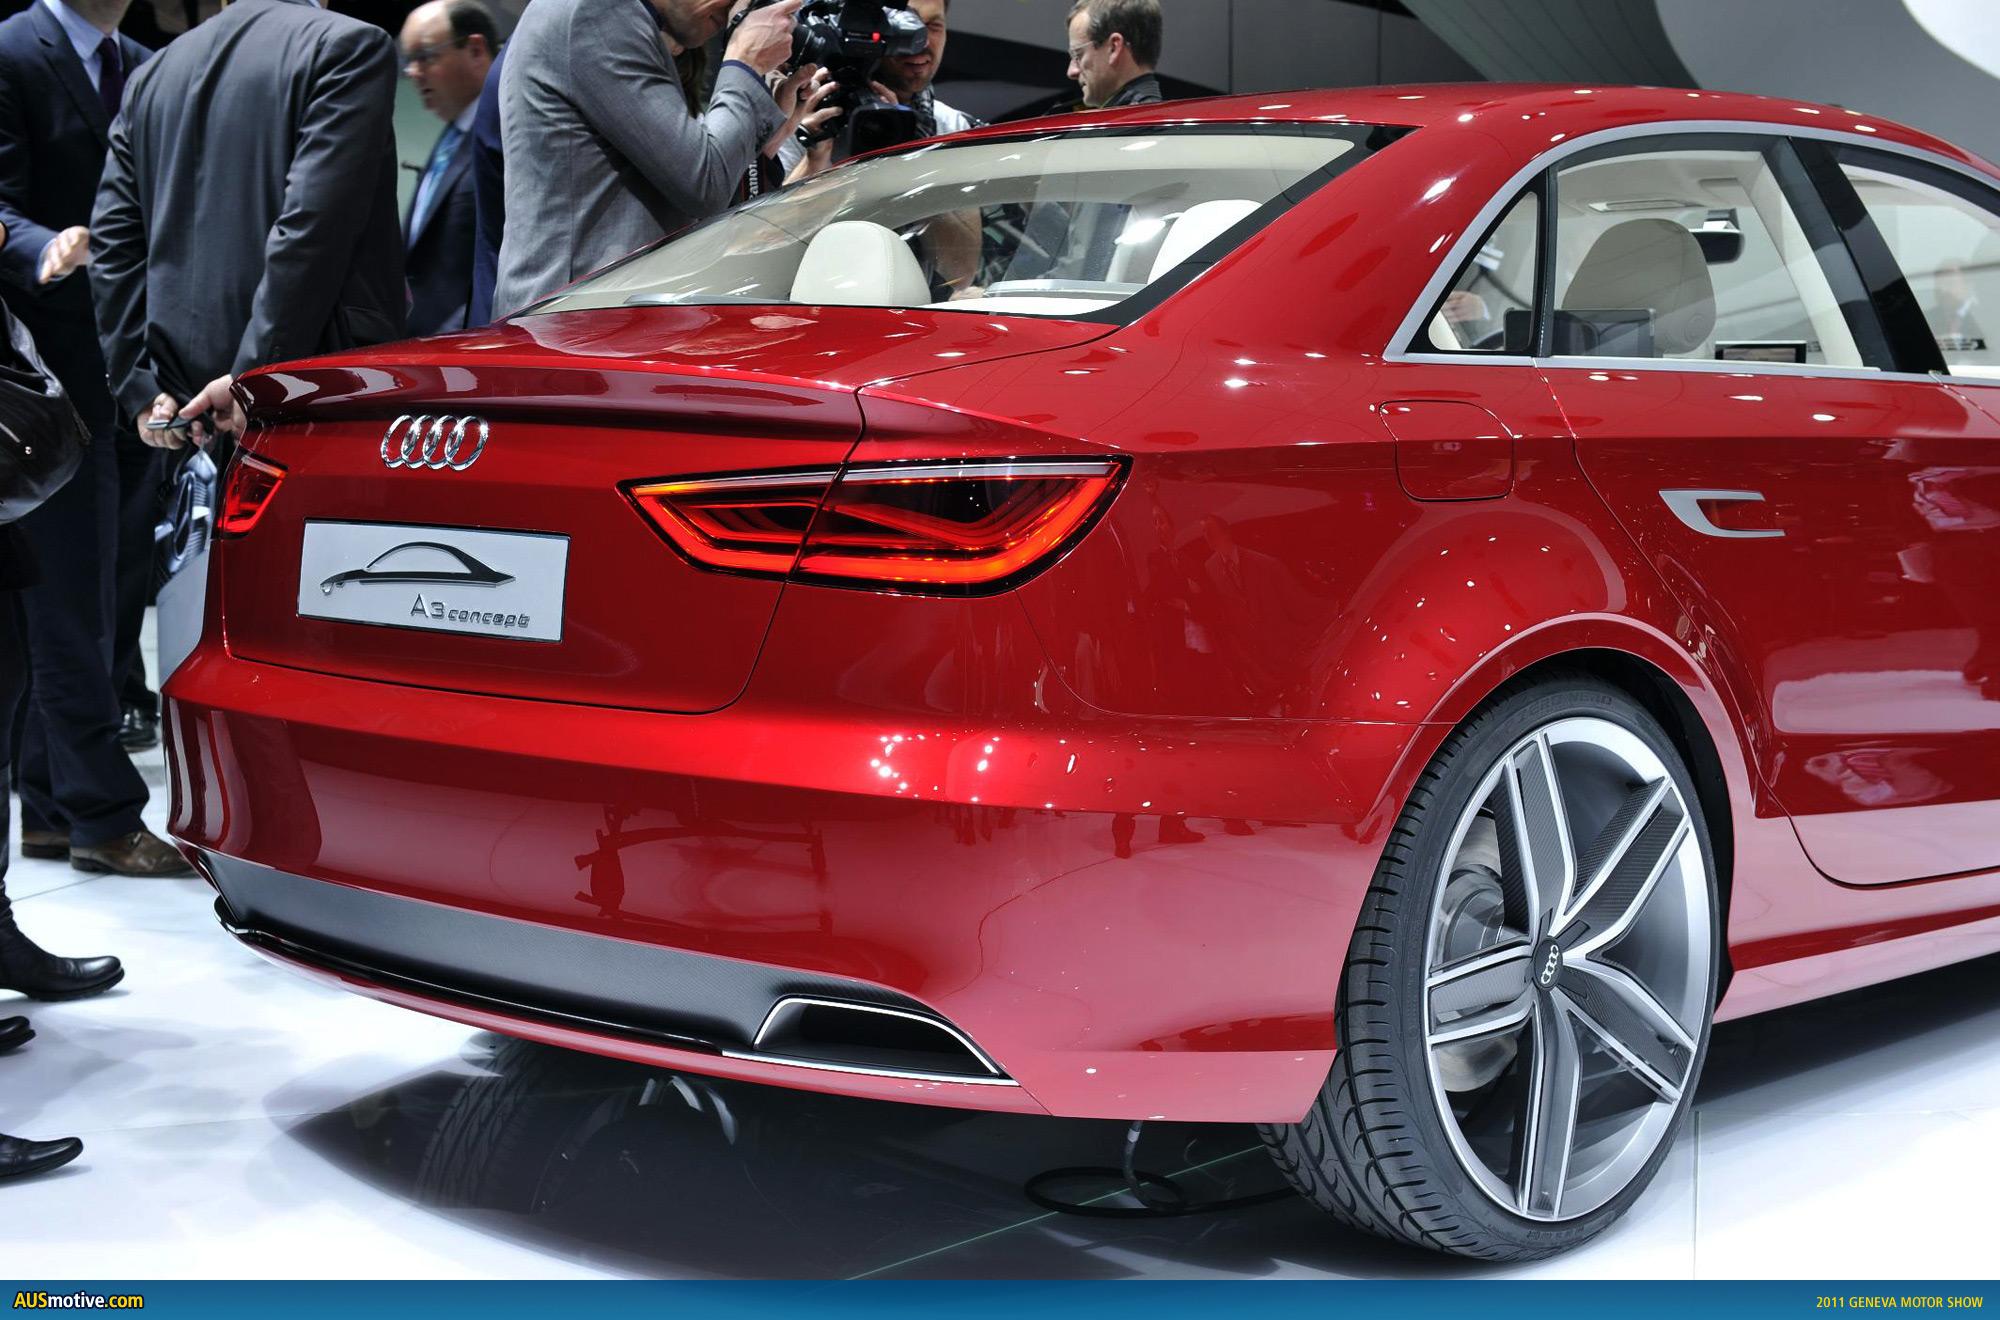 """comment(s) for """"Geneva 2011: Audi A3 concept"""""""